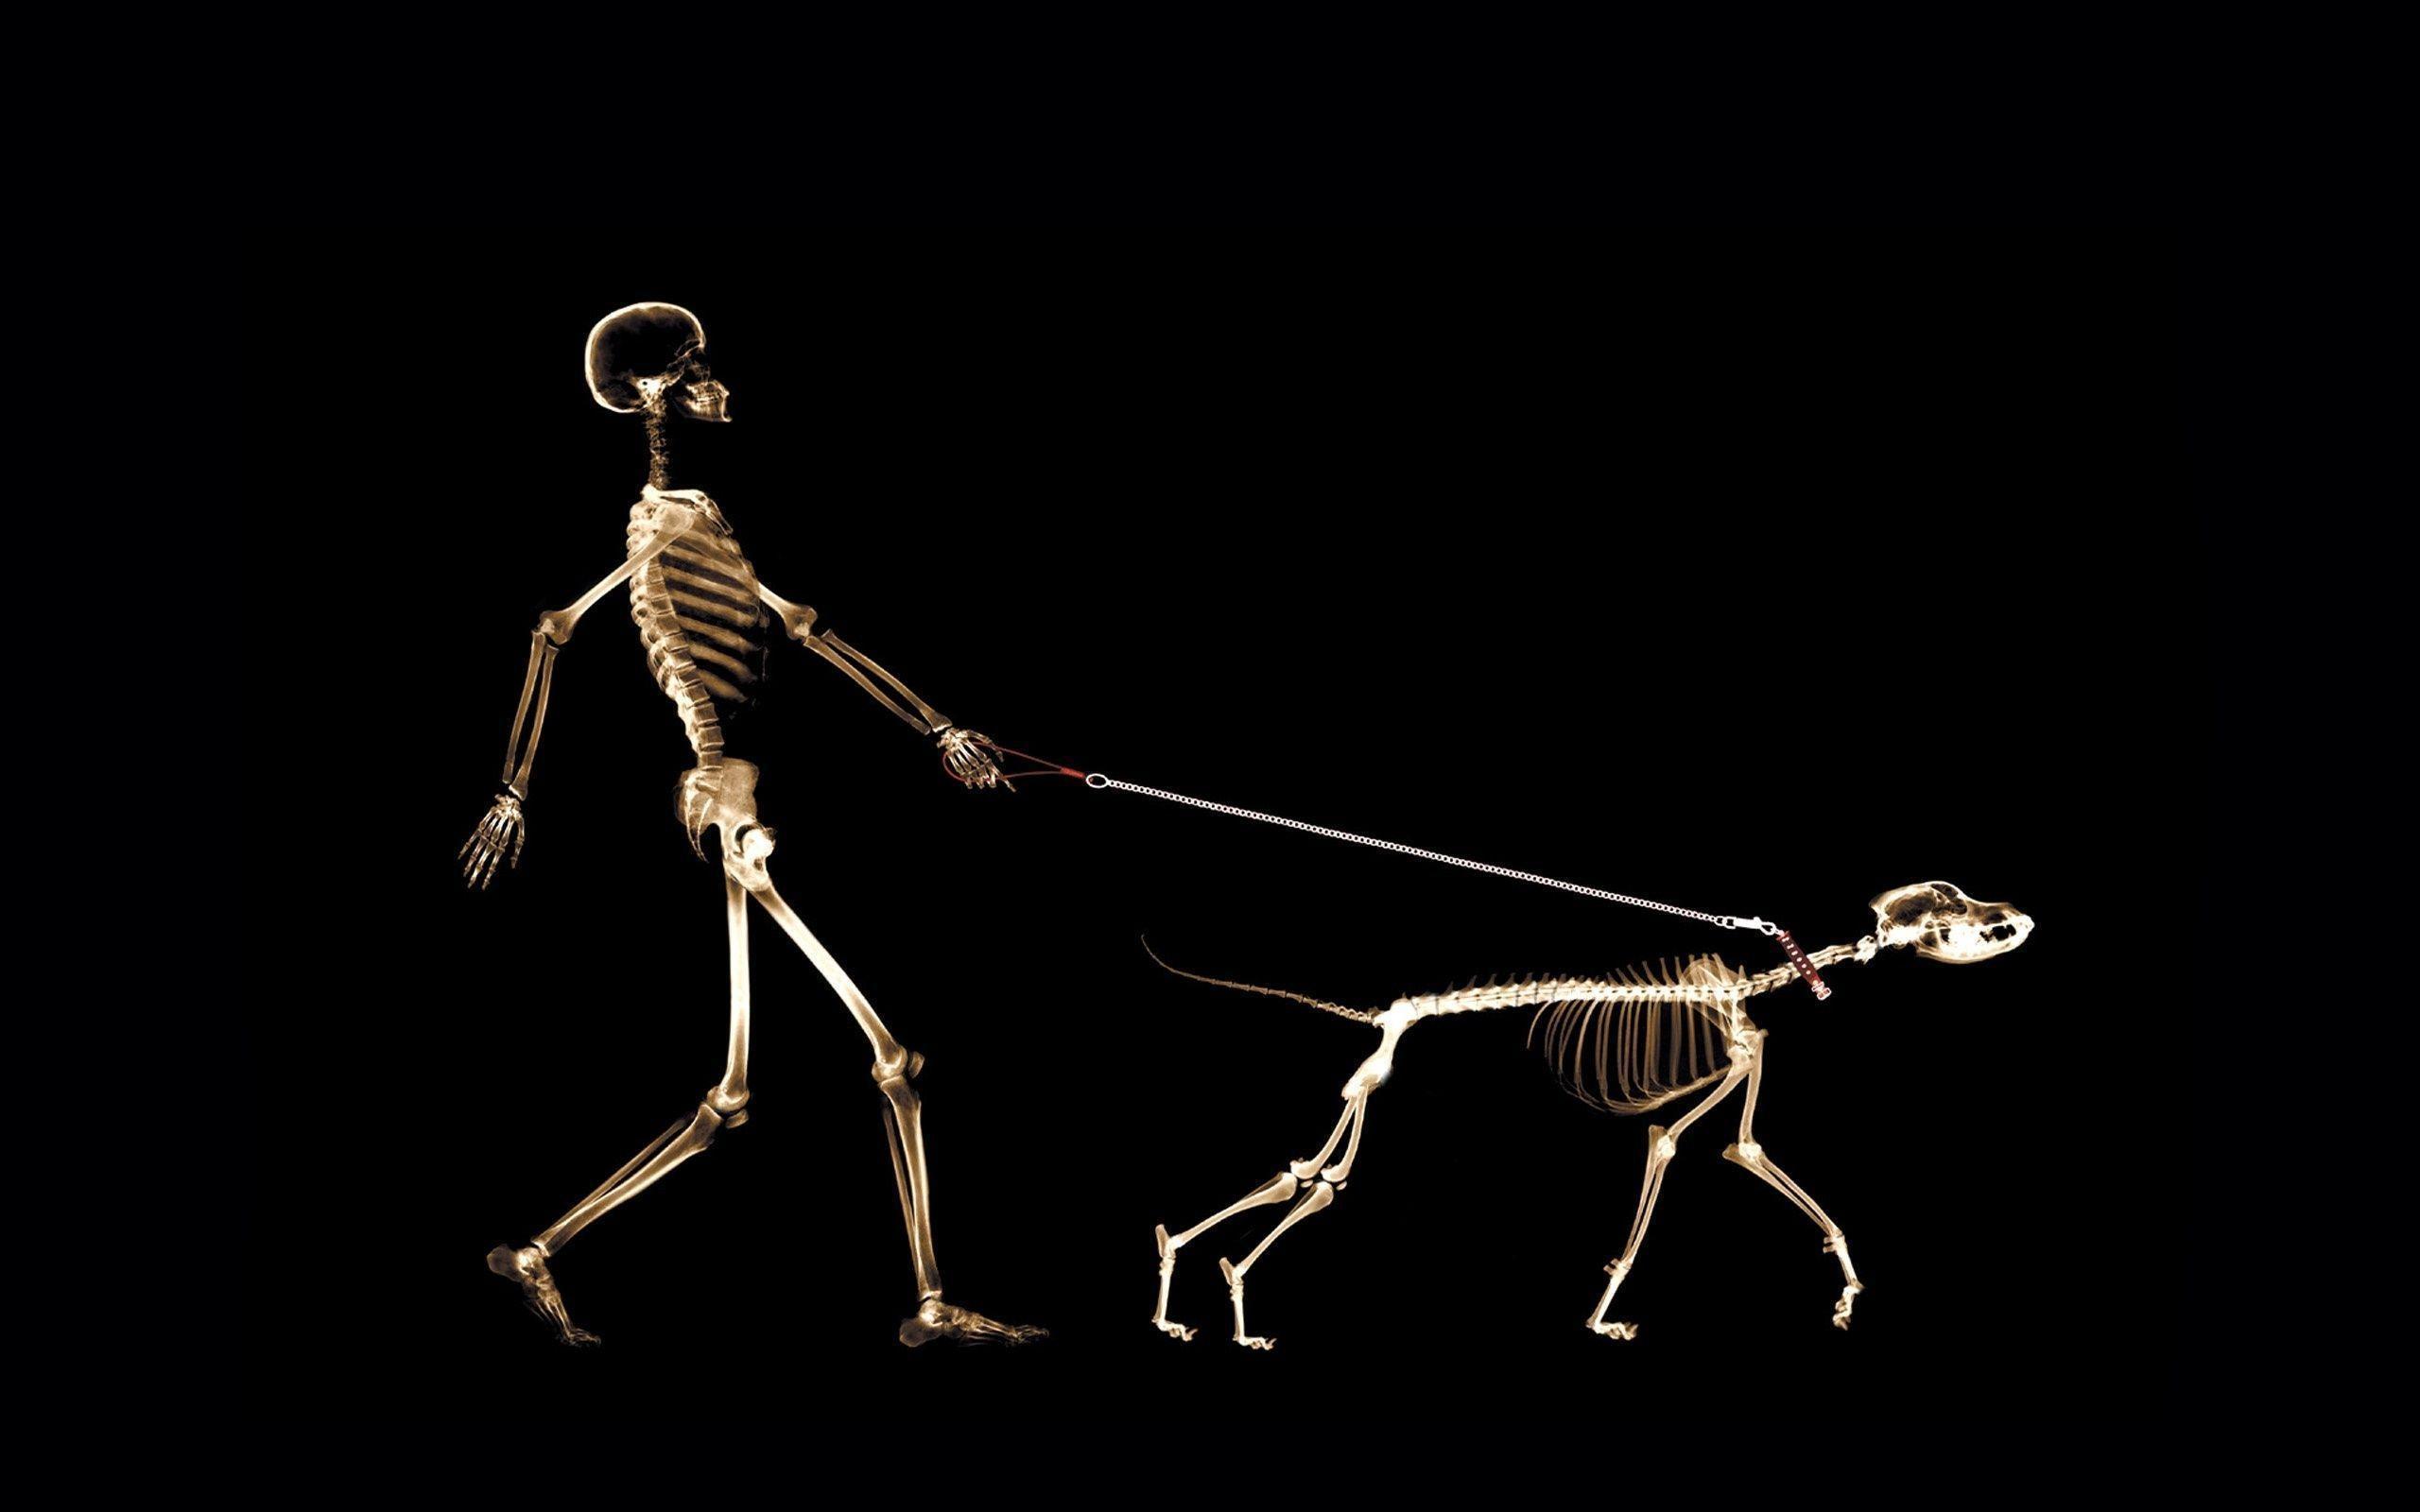 Skeleton Wallpaper 9 |